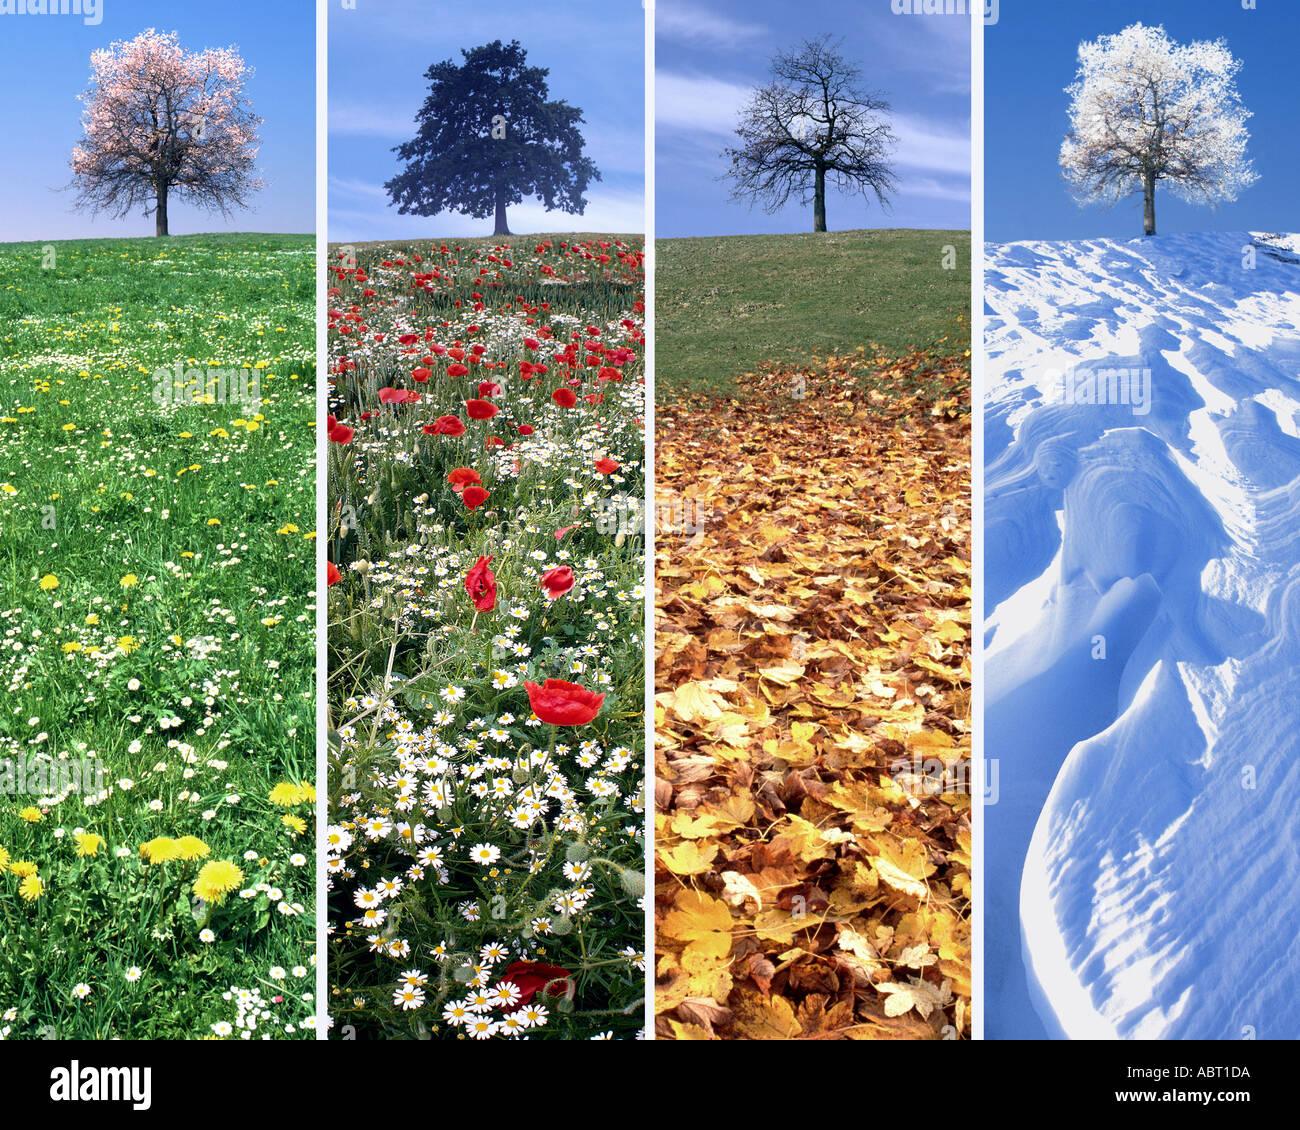 DIGITALE Kunst: Die vier Jahreszeiten Stockbild